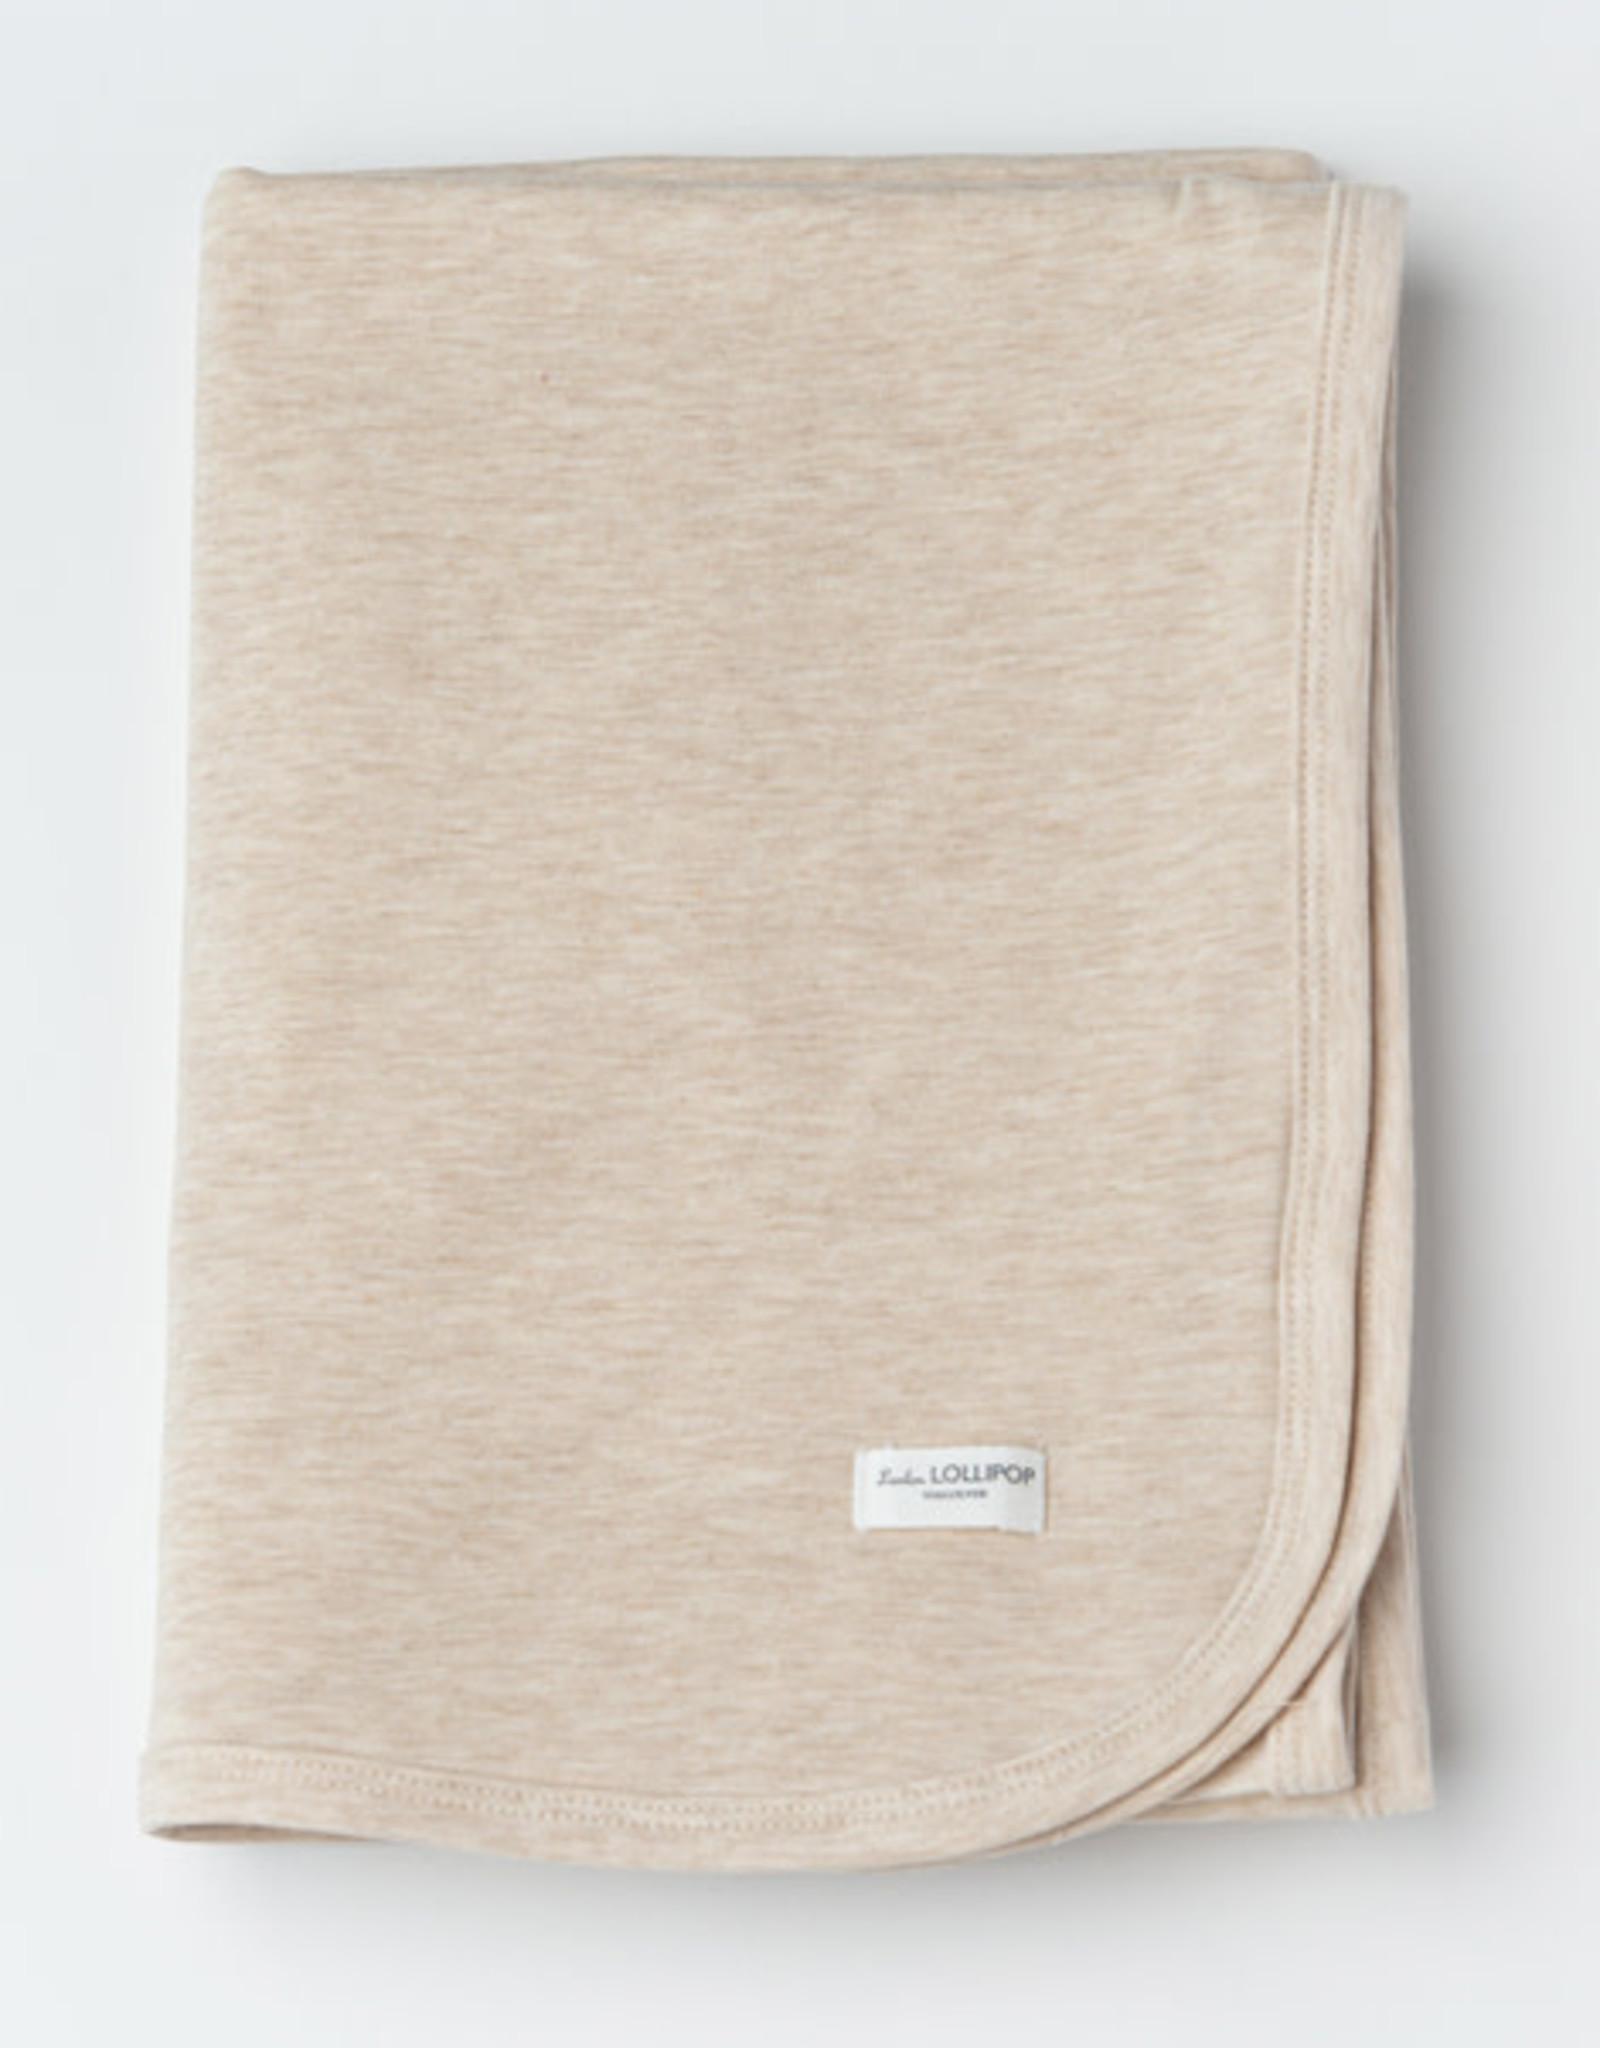 Loulou Lollipop Stretch Blanket in TENCEL - Heather Oatmeal